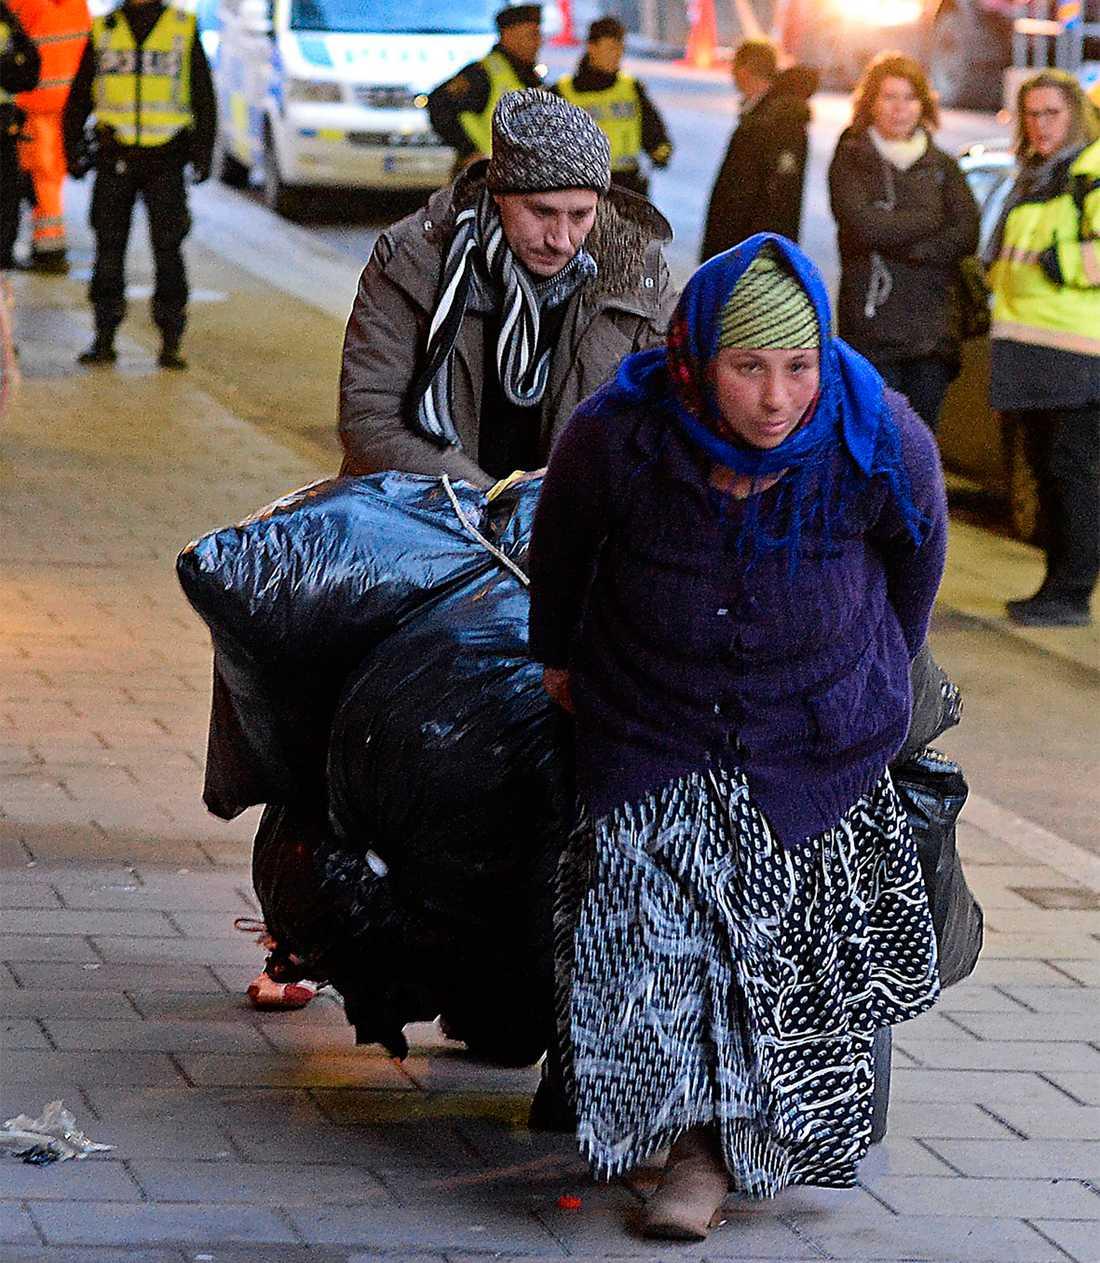 """nu EU-migranter avlyses från en tillfällig sovplats i centrala Stockholm. Dagens debatt om romerna låter tragiskt lik gamla tiders tal om """"zigenarplågan"""", skriver malin Krutmeijer. Foto: Per-Olof Sännås"""